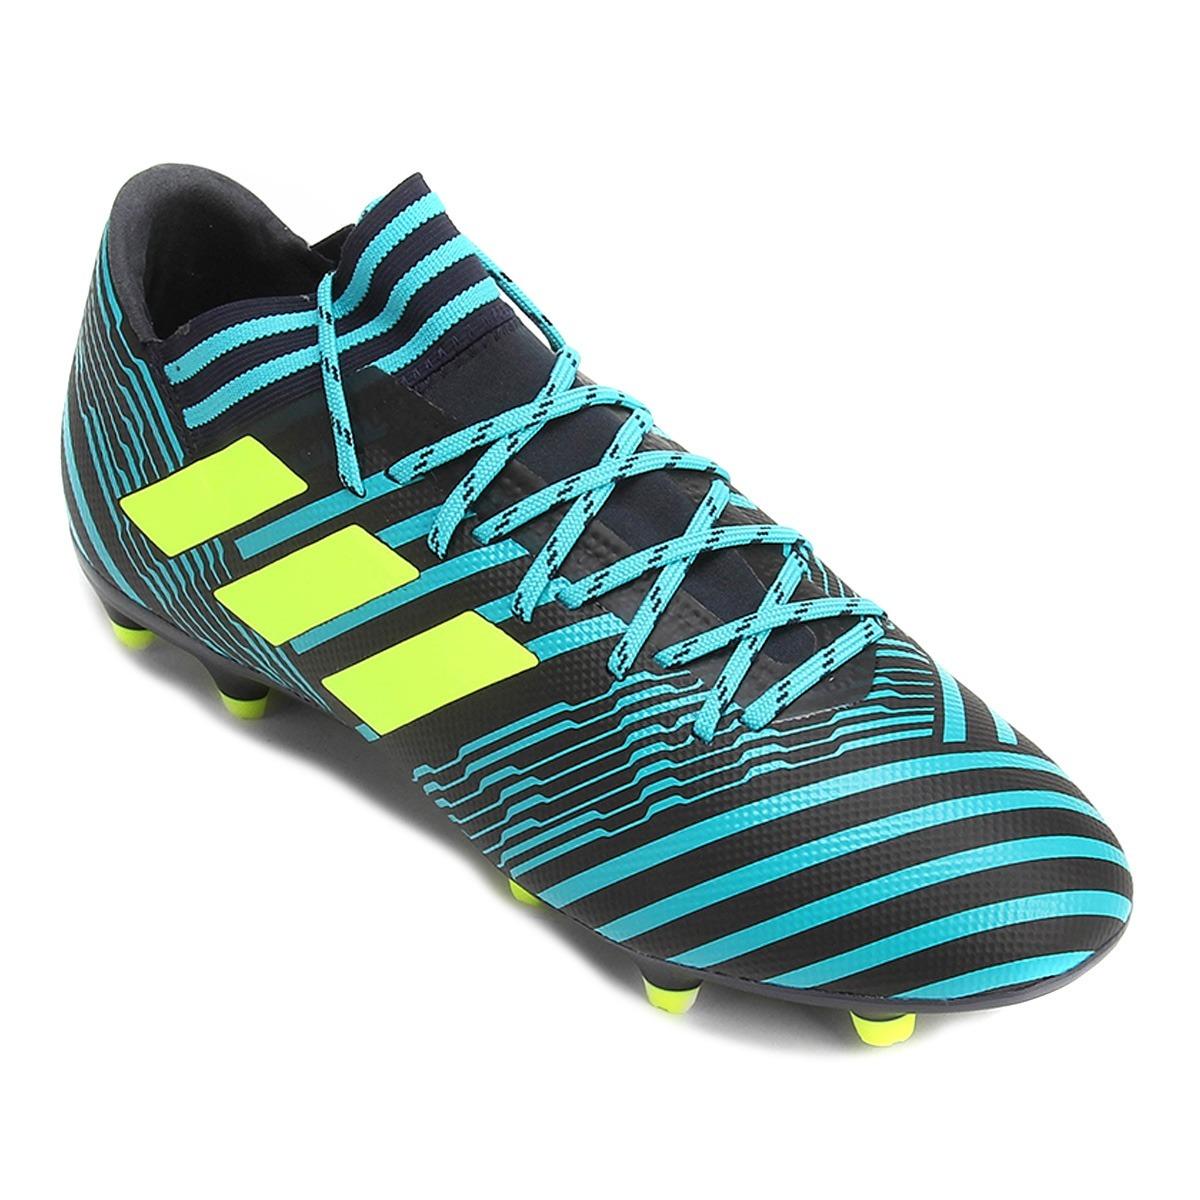 690 11 Mercado Modelo Futbol Libre En Zapatos 00 Ultimo Adidas Uwgx0 3  Ew1qxg a6f0a4c616b9b